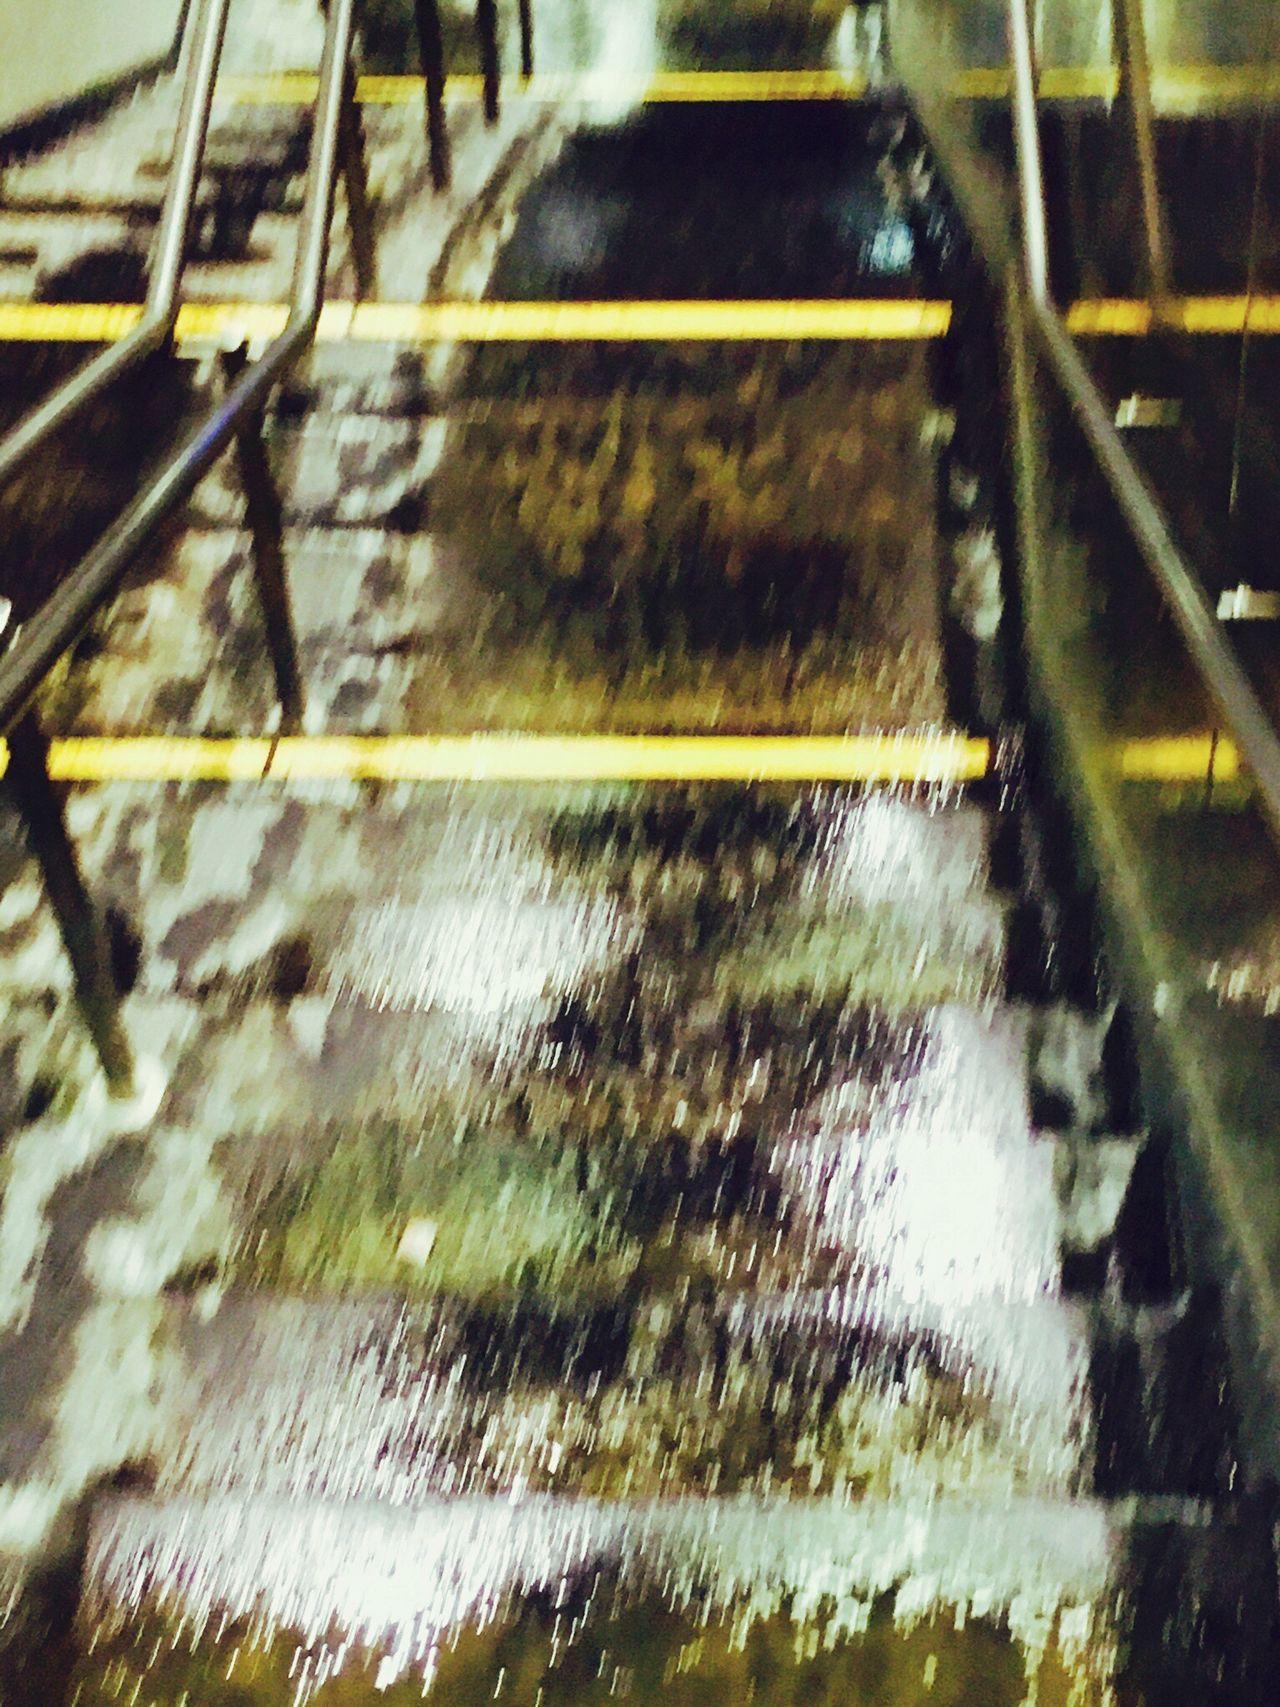 Rain Frozen Rain Pluie Verglas Yellow Jaune Lignes Jaunes Yellow Lines Iphone6s Shotwithiphone6S Frost Metal